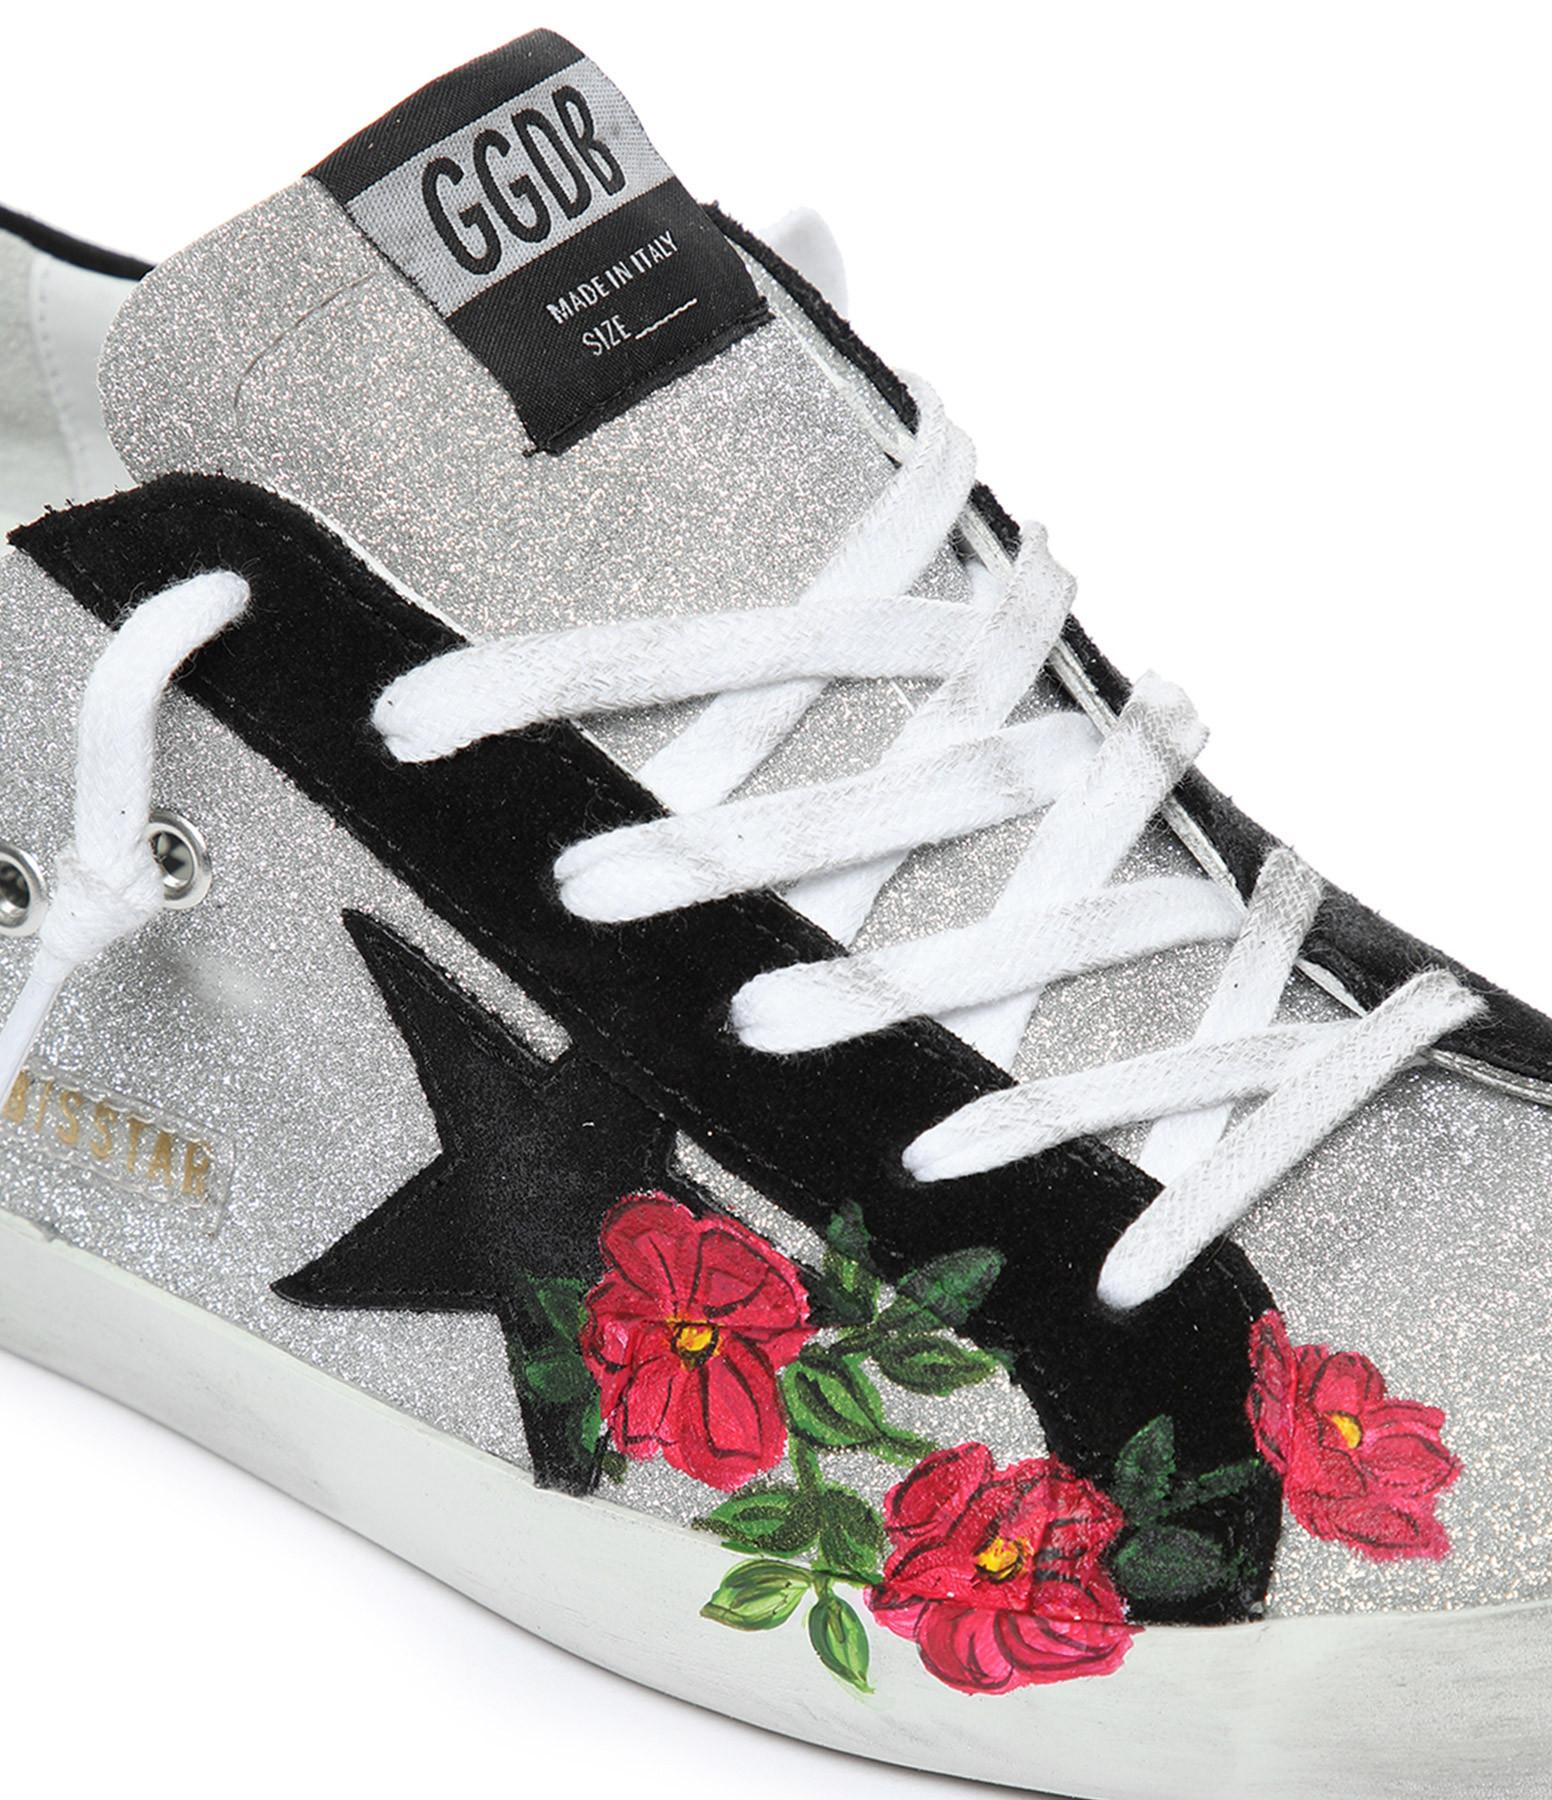 GOLDEN GOOSE - Baskets Superstar Cuir Argenté Roses